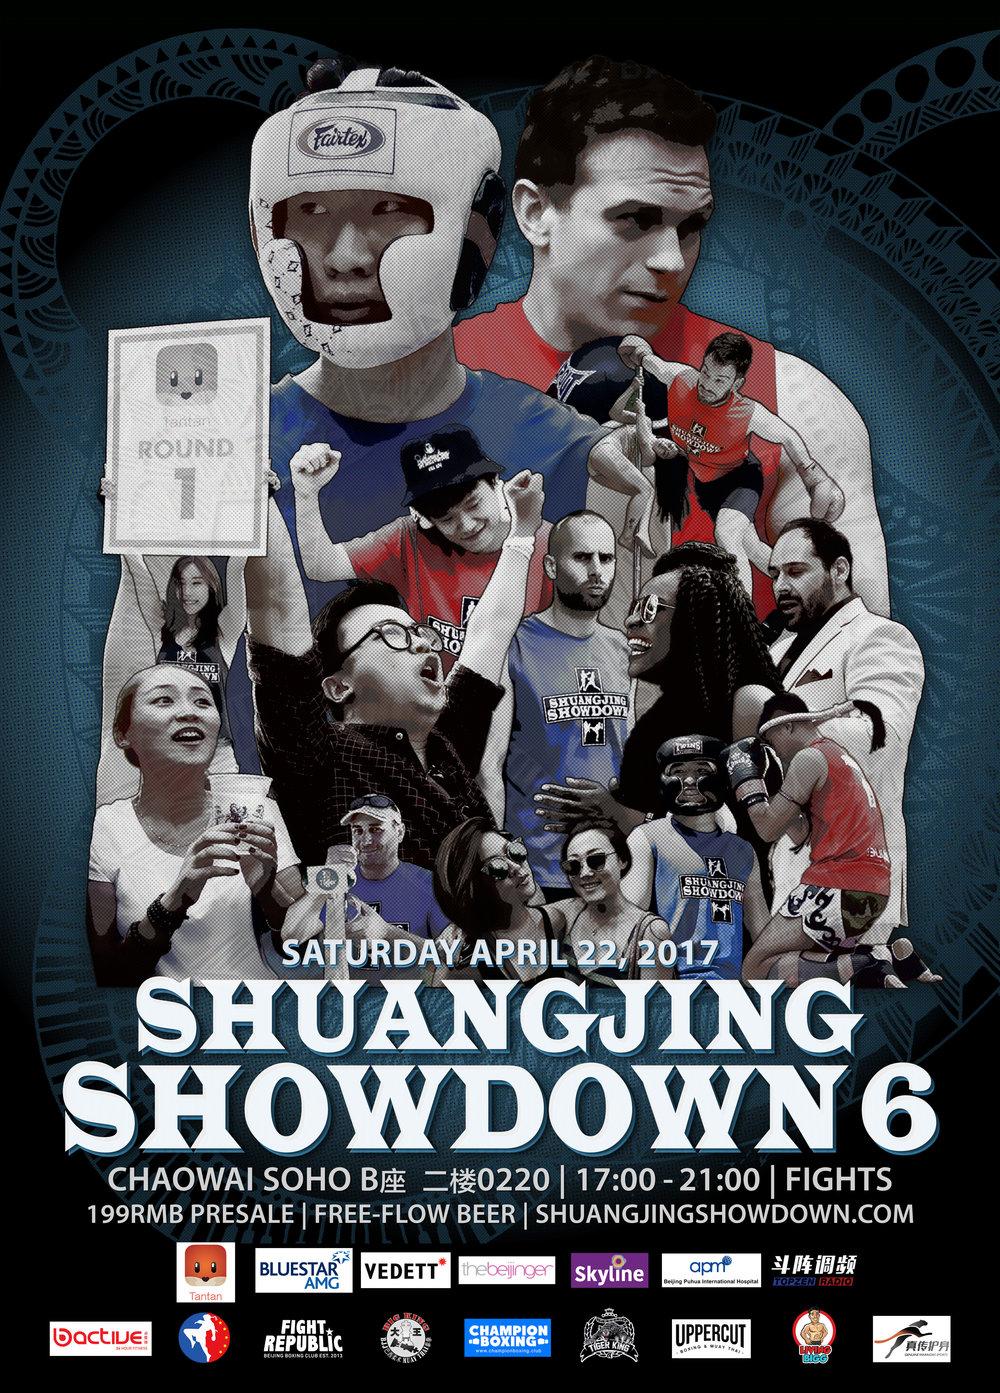 ShuangjingShowdown6_2017_Poster